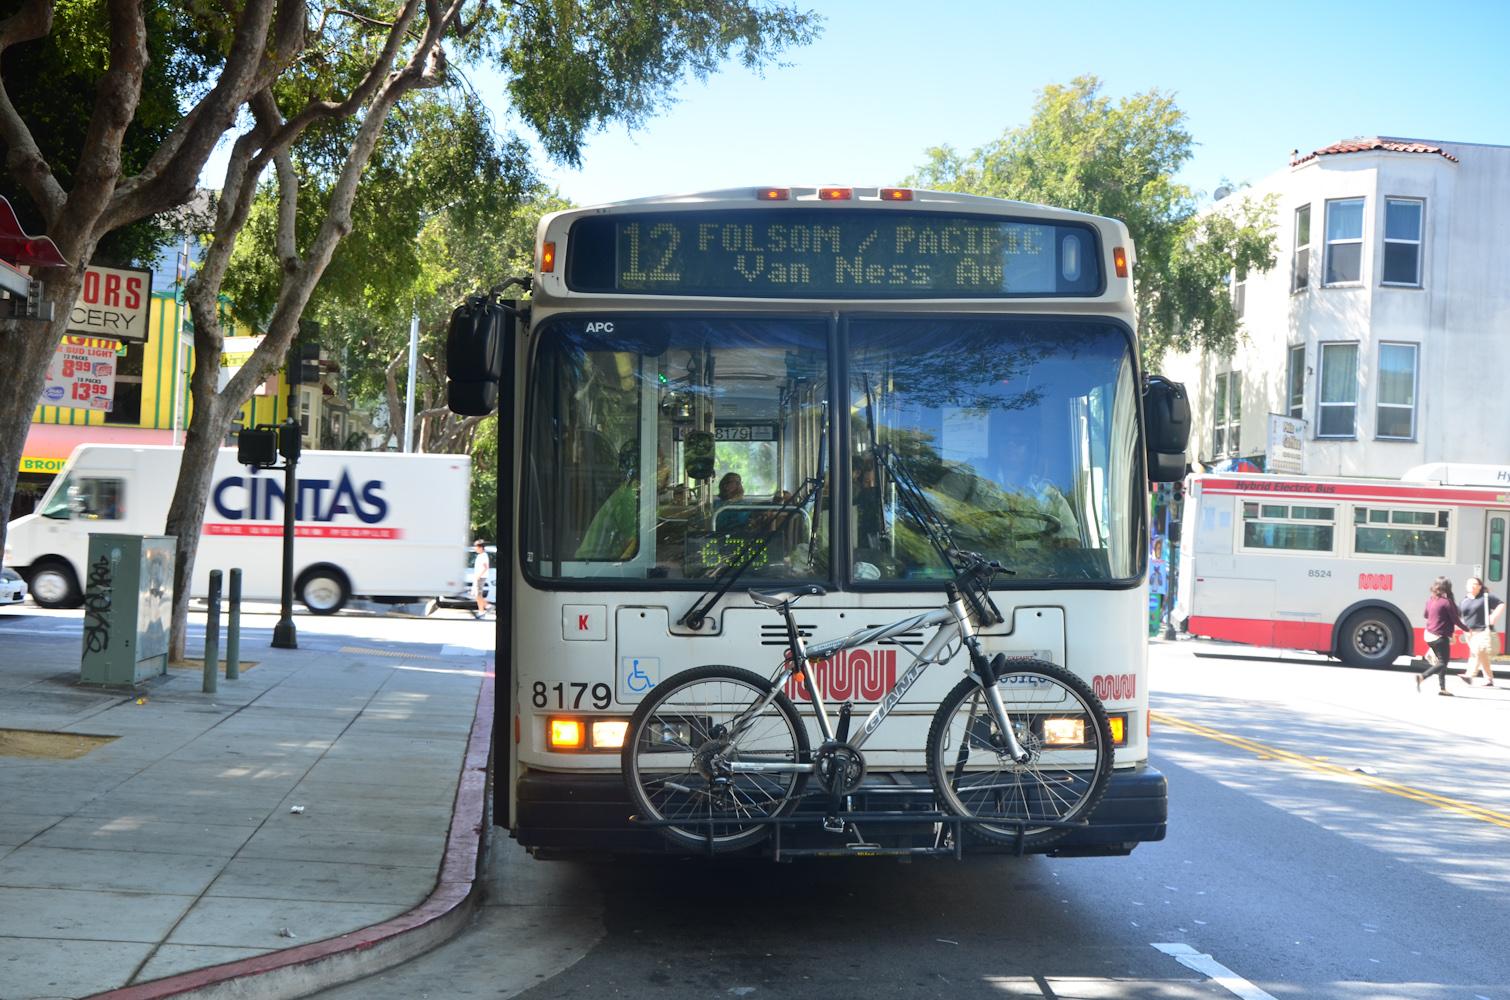 Bike-friendly San Francisco